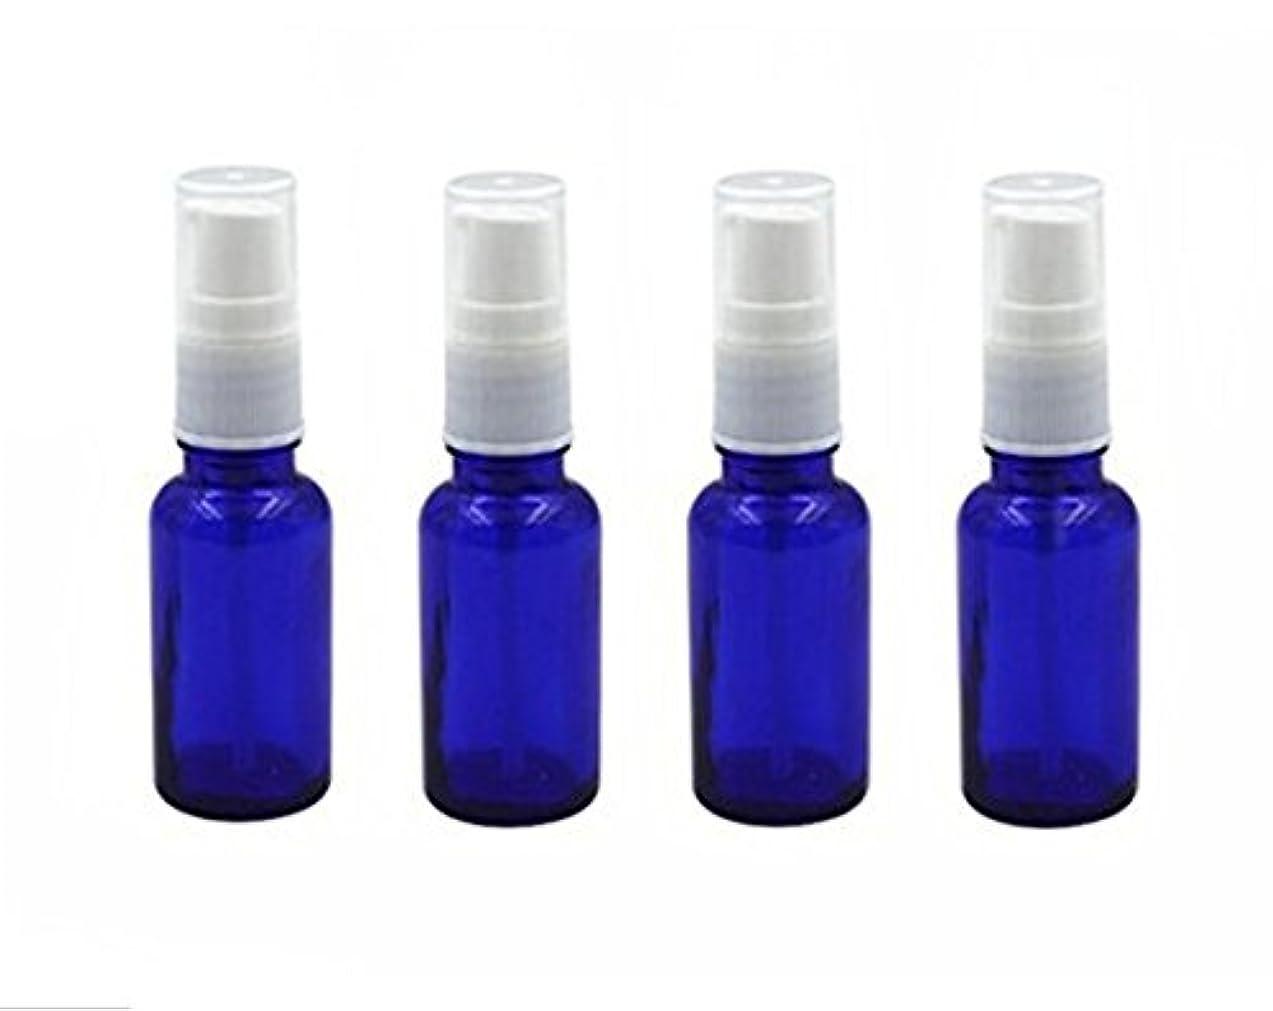 ほうき忠実な母性4個10 ml / 20ml再利用可能な空ガラスポンプボトル/ホワイトプラスチックキャップ付き容器 – エッセンシャルオイルの化粧品メーキャップディスペンサーシャンプーサンプルボトル押し (10 ML, ブルー)